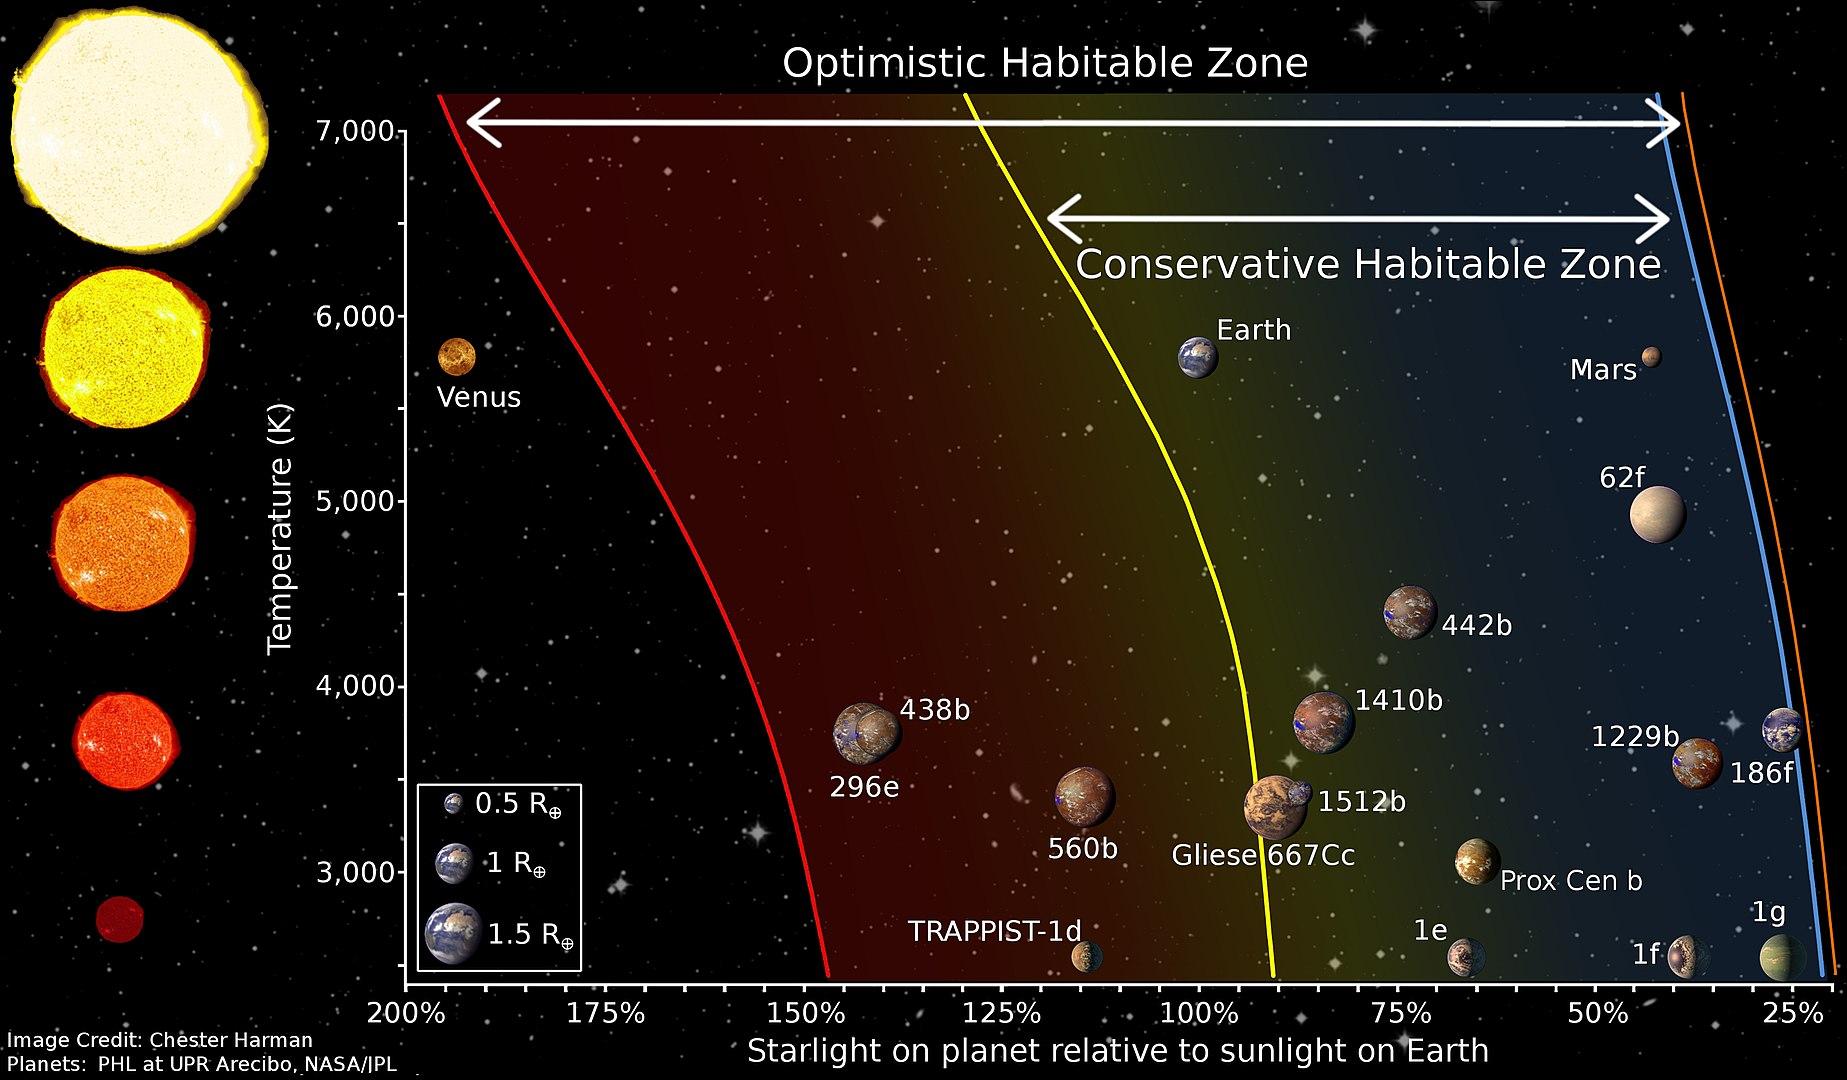 La zona habitable de varias estrellas.